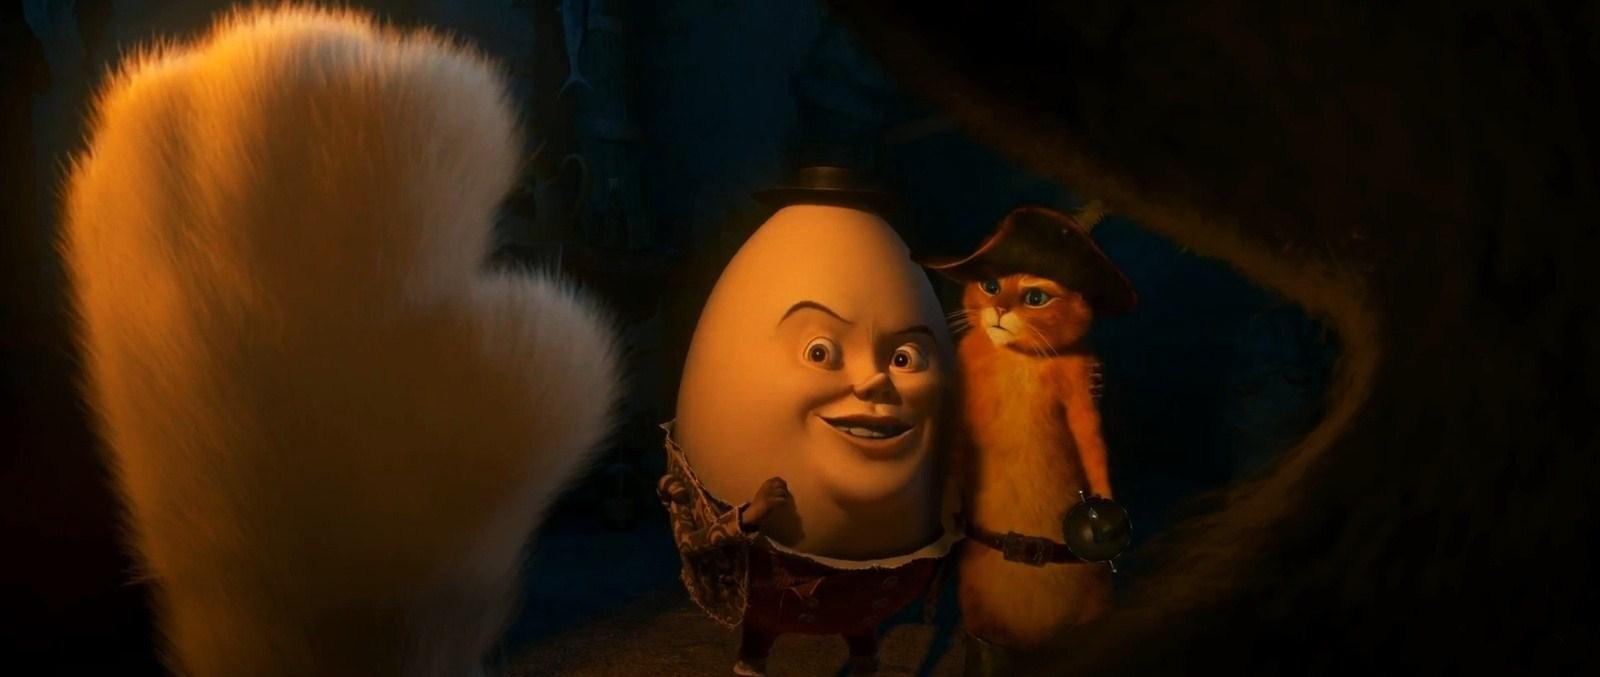 Сапогом по яйцам 13 фотография